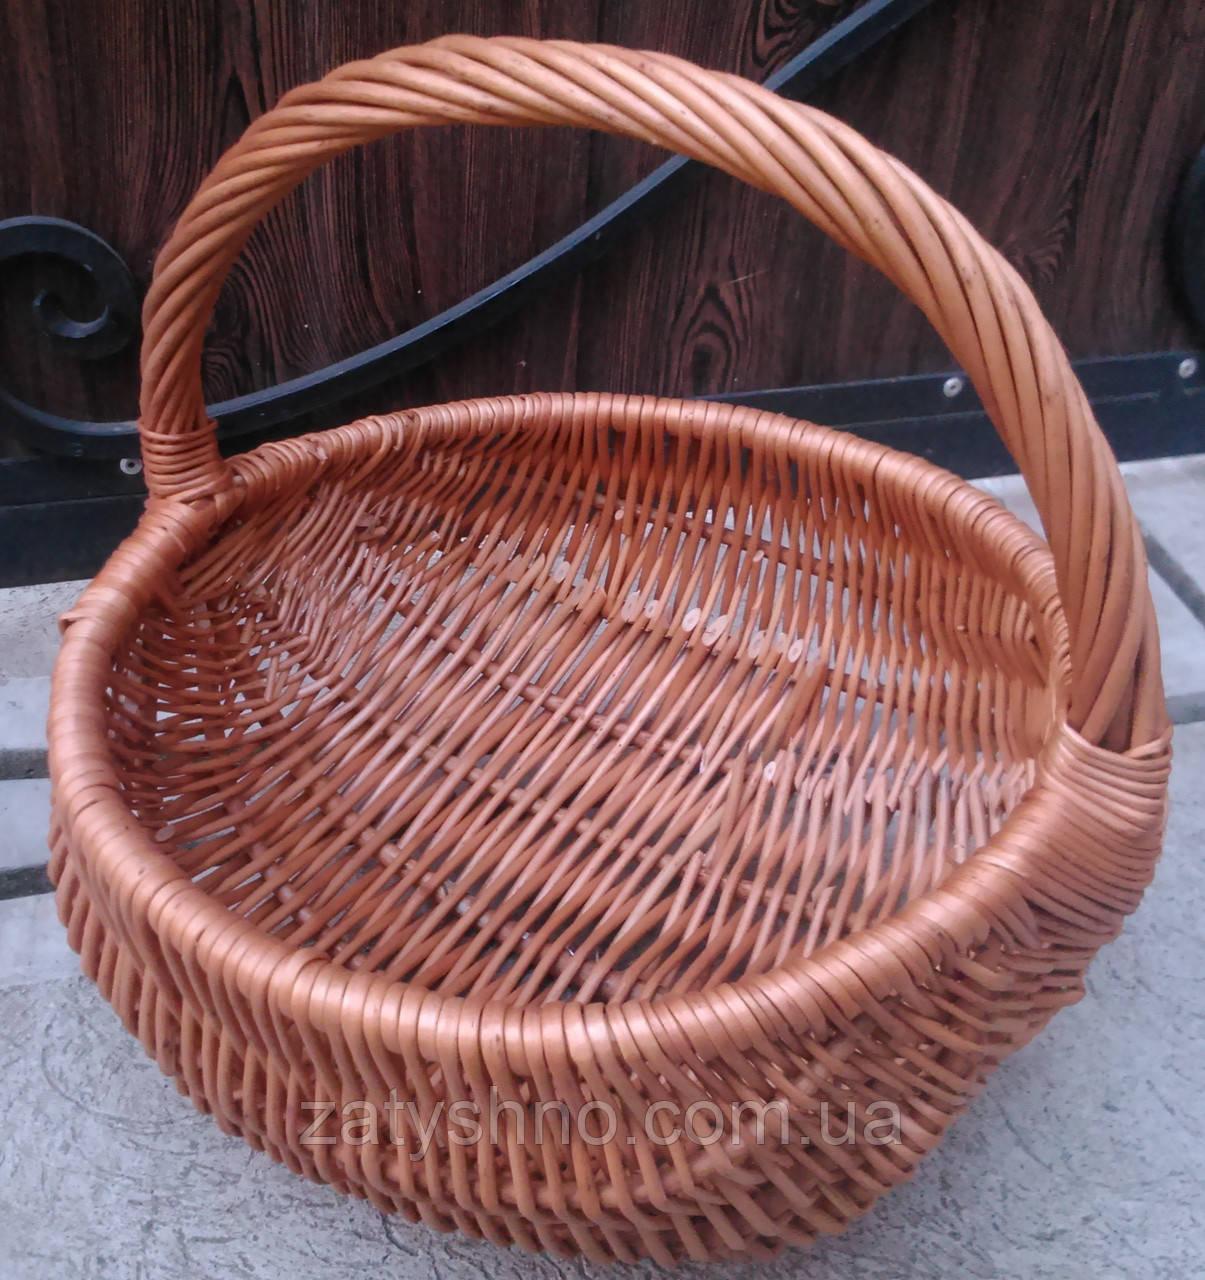 Удобная базарная корзина плетеная